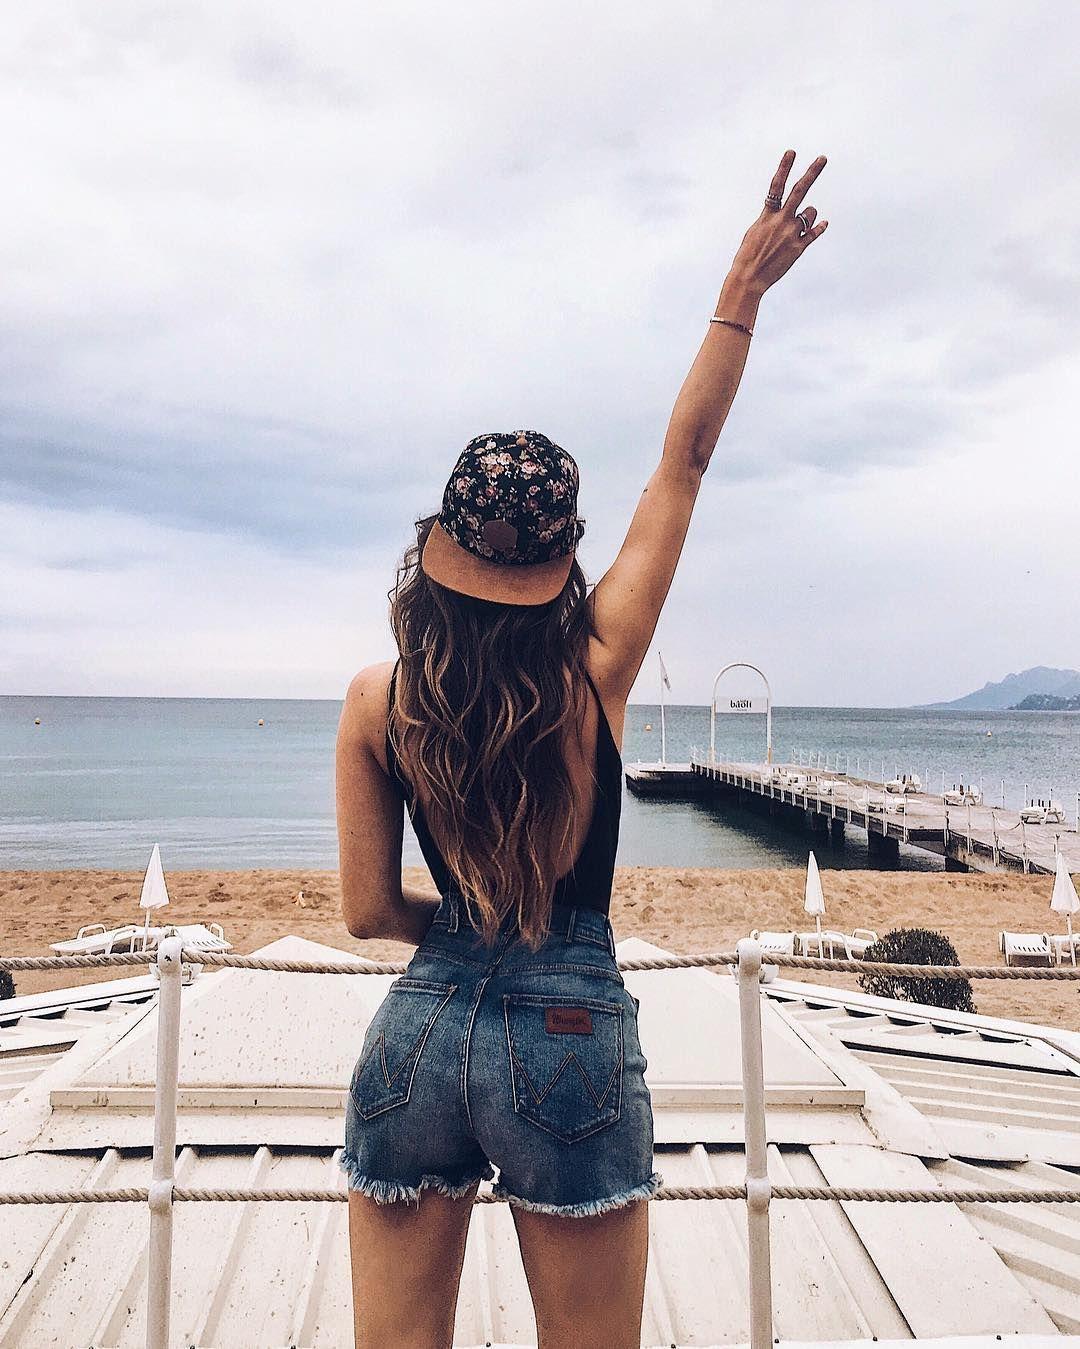 109 9 Tsd Abonnenten 402 Folgen 1 002 Beitrage Sieh Dir Instagram Fotos Und Videos Von Michele Krusi Thefashionfract Denim Shorts Fashion Womens Shorts